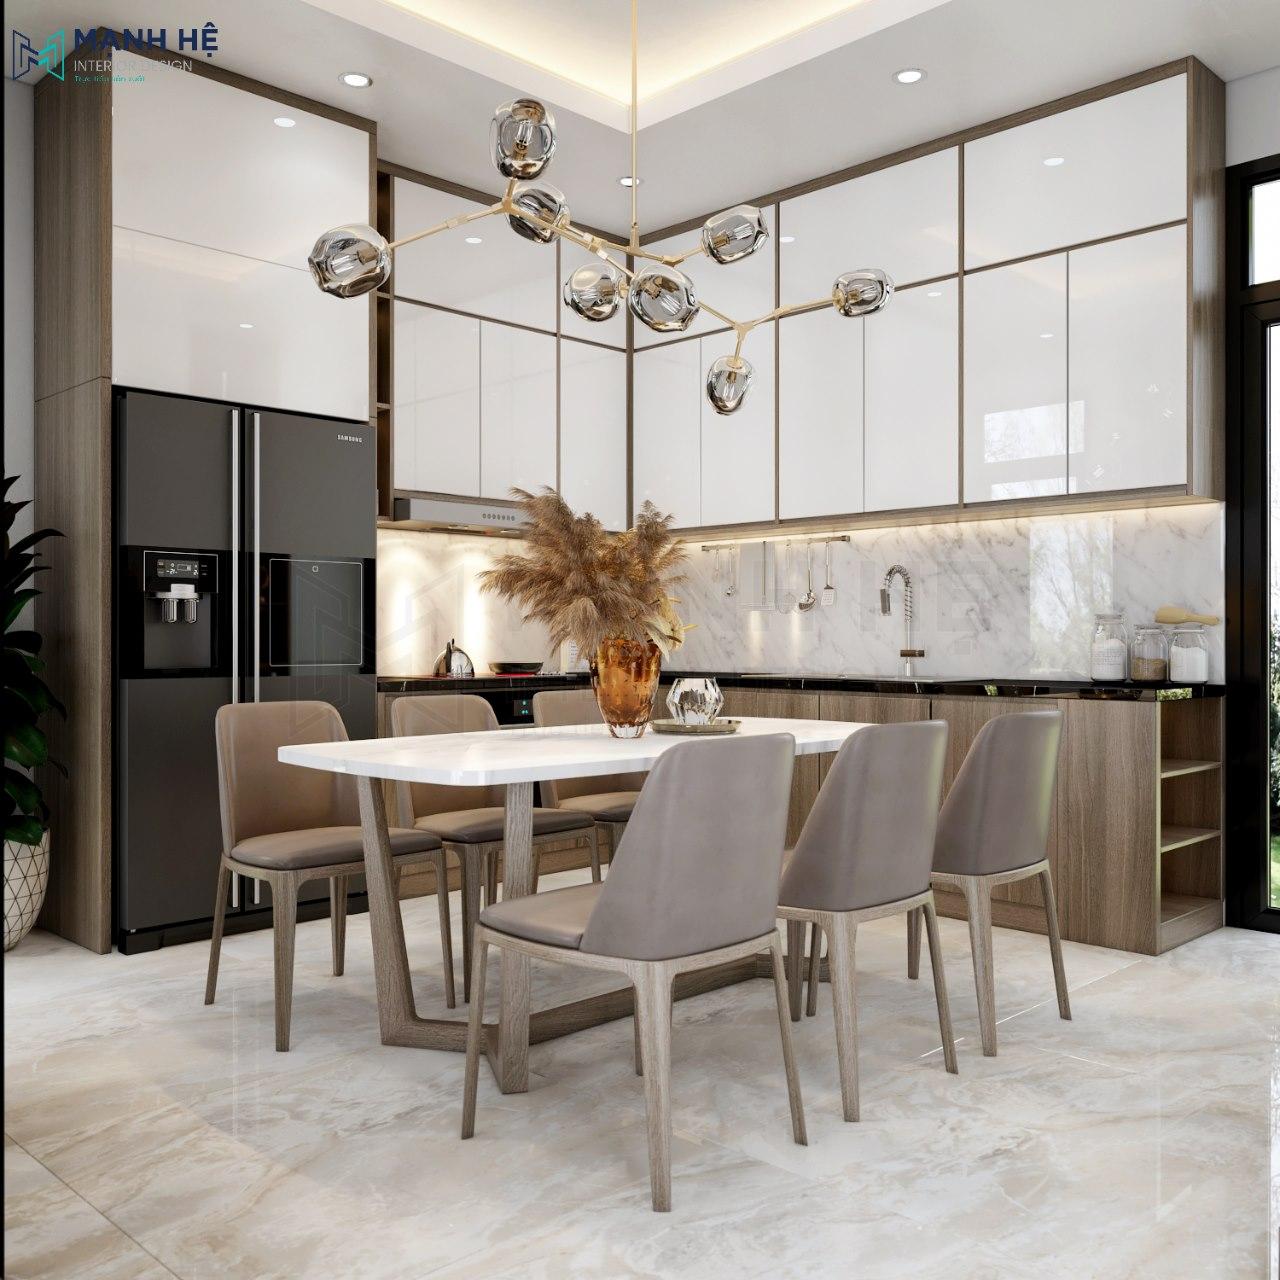 Tủ bếp được thiết kế theo dạng chữ L tiết kiệm diện tích